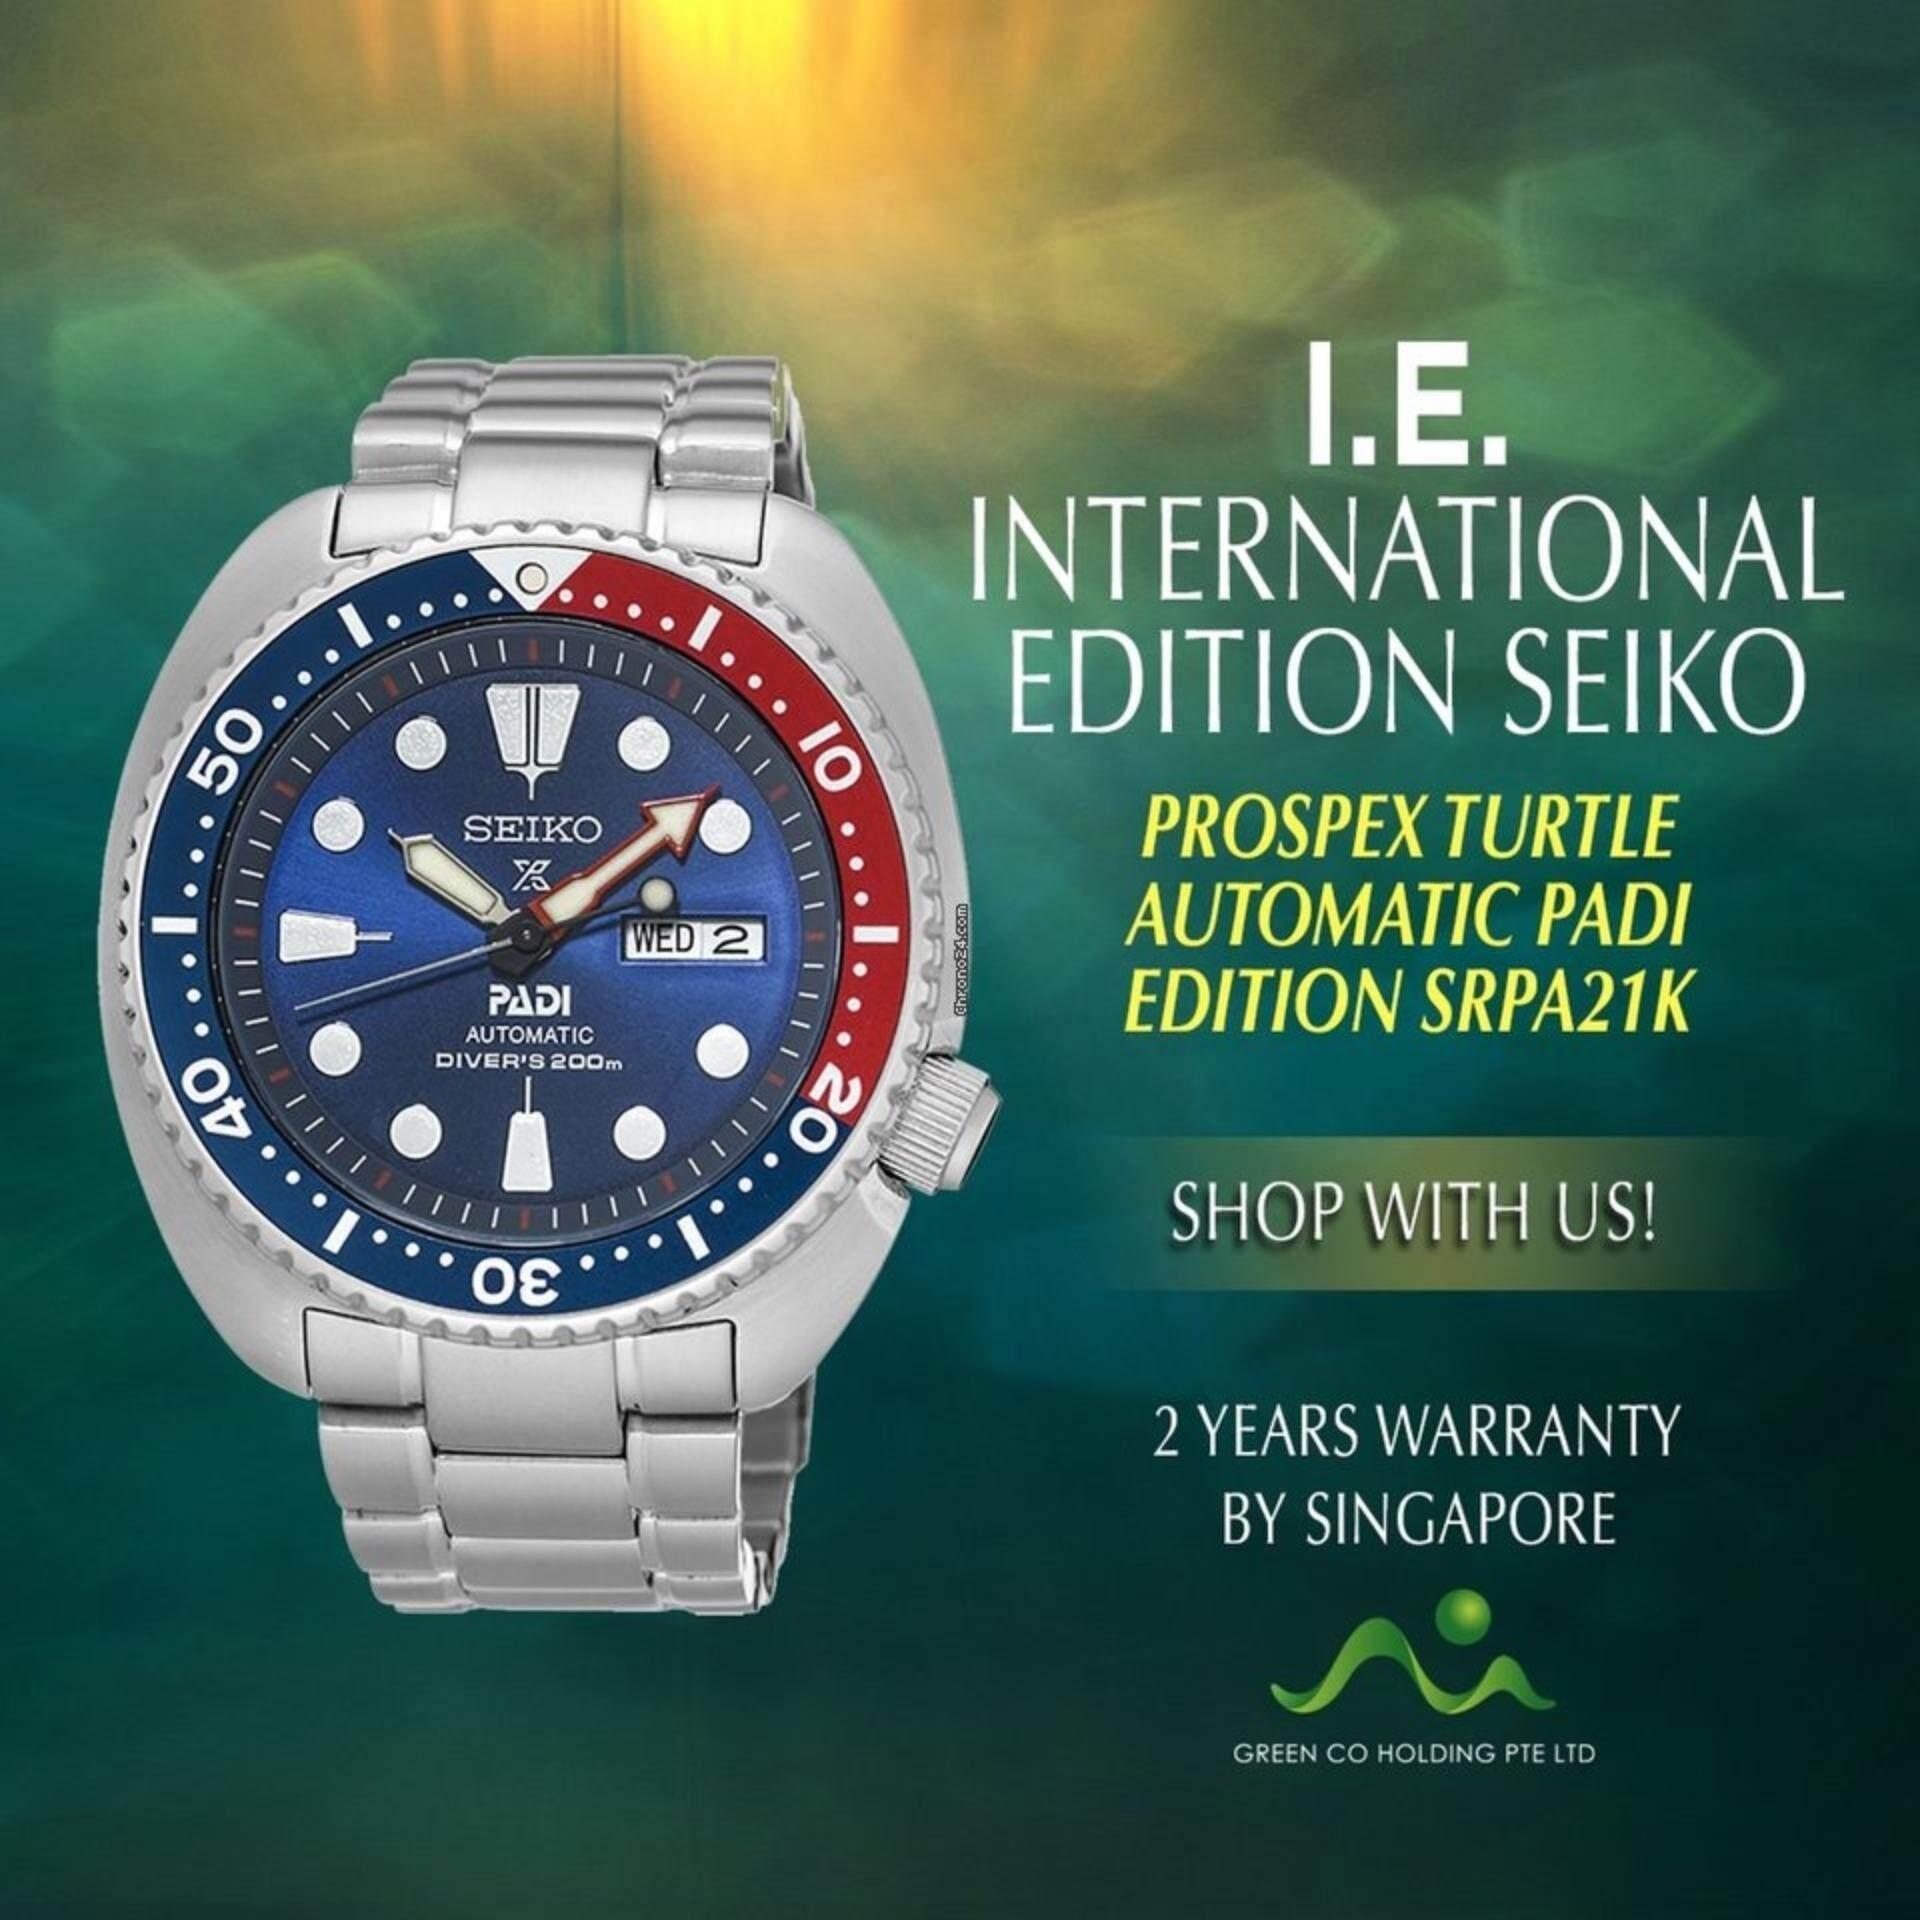 สอนใช้งาน  ประจวบคีรีขันธ์ Seiko นาฬิกาข้อมือ Sports Automatic DIVER 200 M Mens Watch รุ่น SRPA21K1